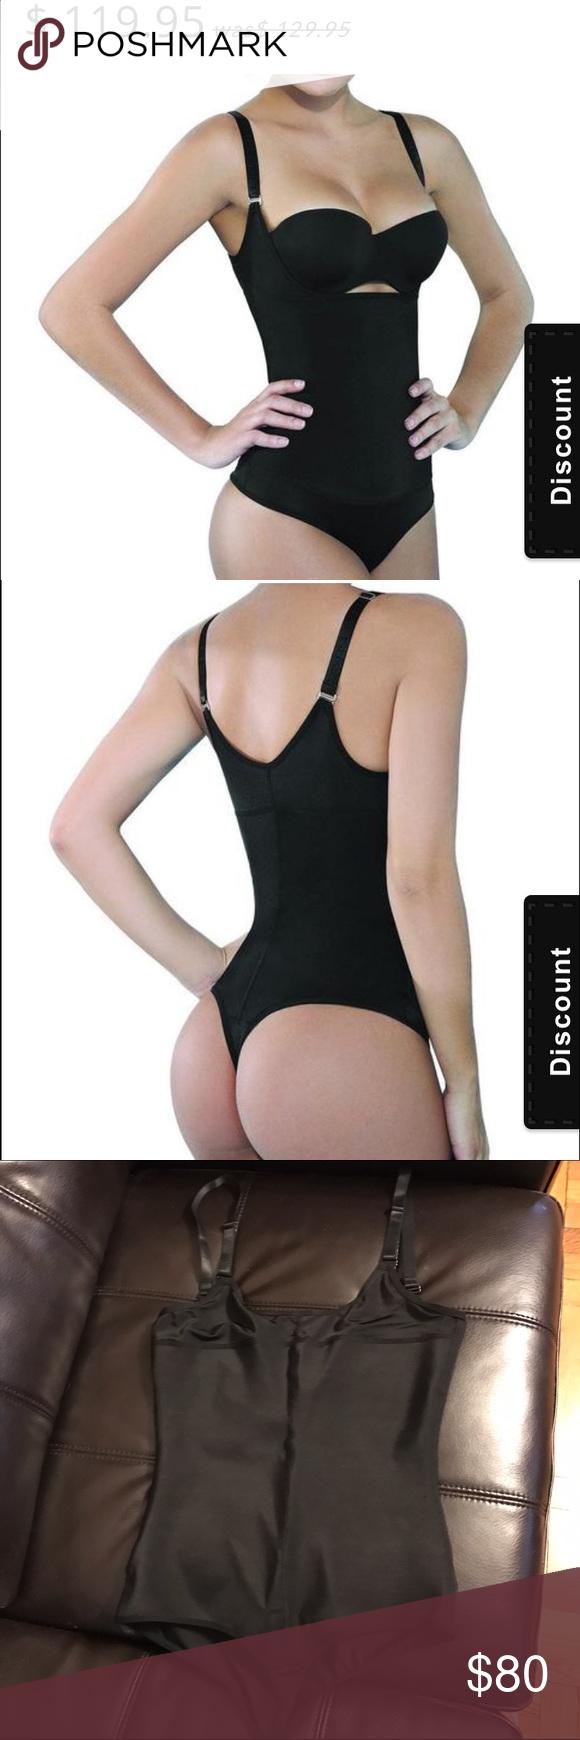 5647bae2e6e Alexa Undetectable Ultra Slim Body Suit New  never worn. Alexa Undetectable  Ultra Slim Body